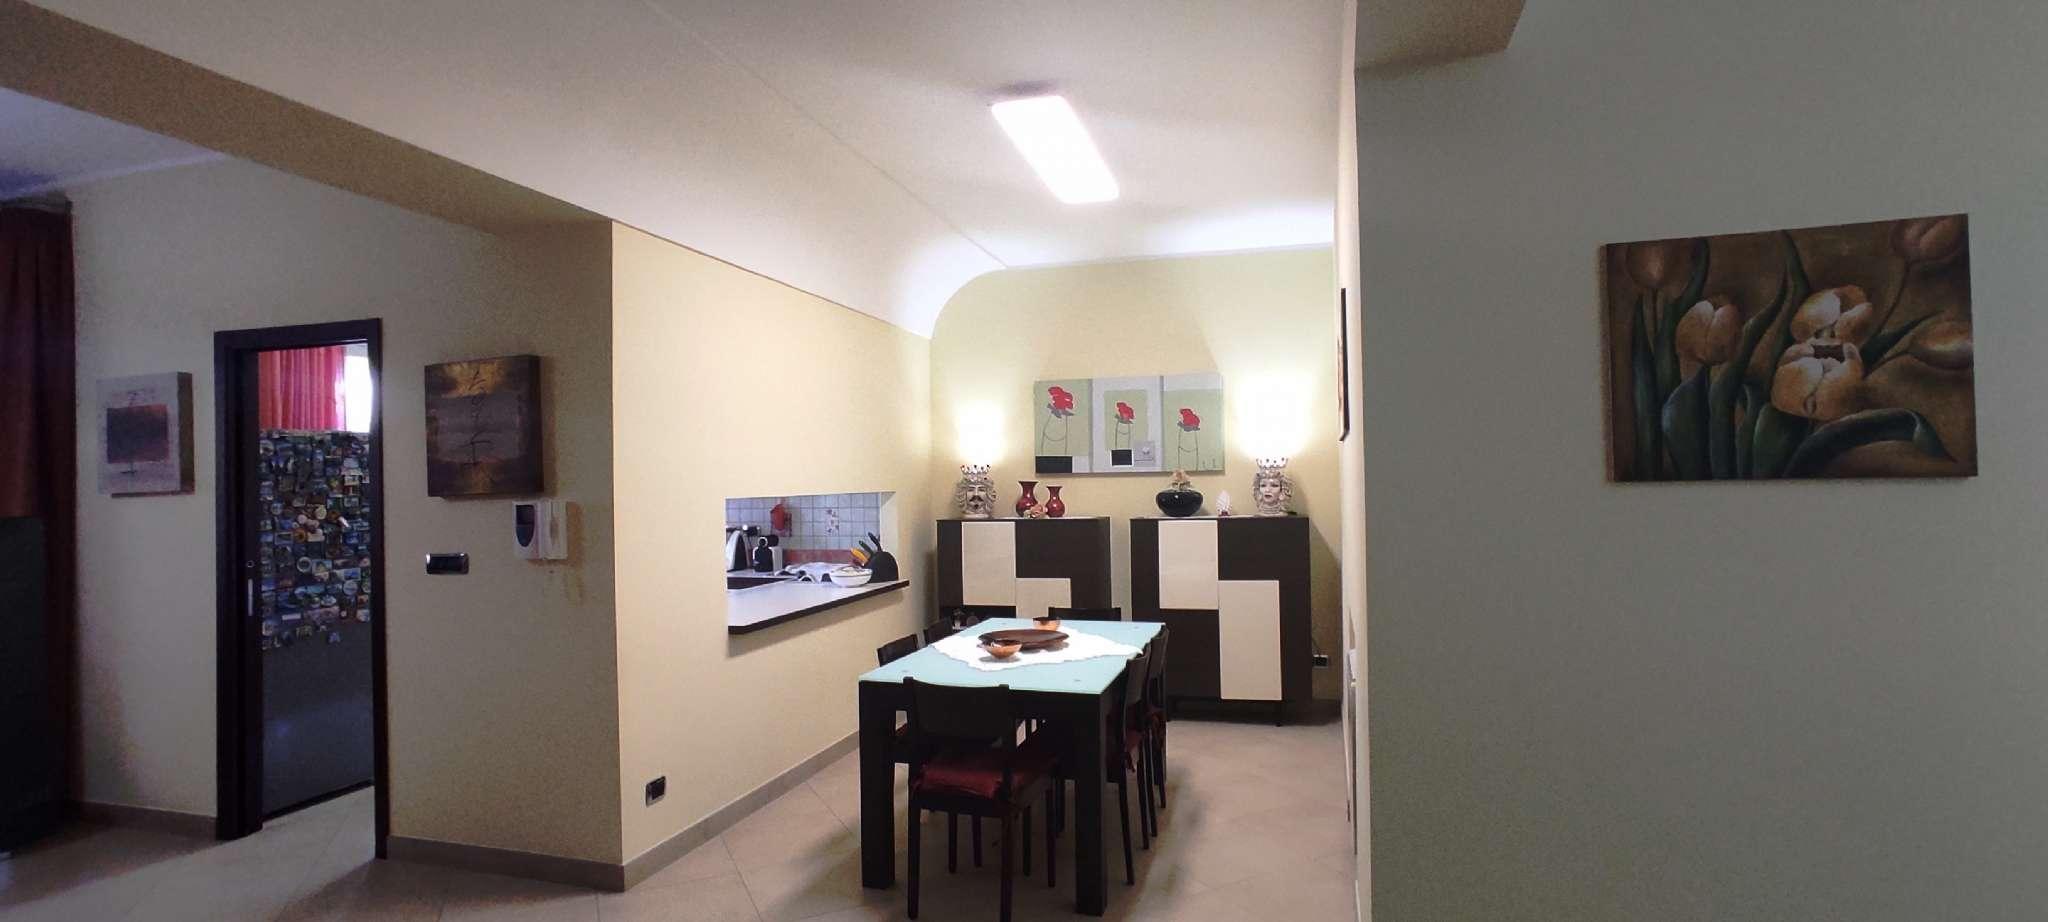 Appartamento in vendita a Venetico, 7 locali, prezzo € 195.000 | PortaleAgenzieImmobiliari.it